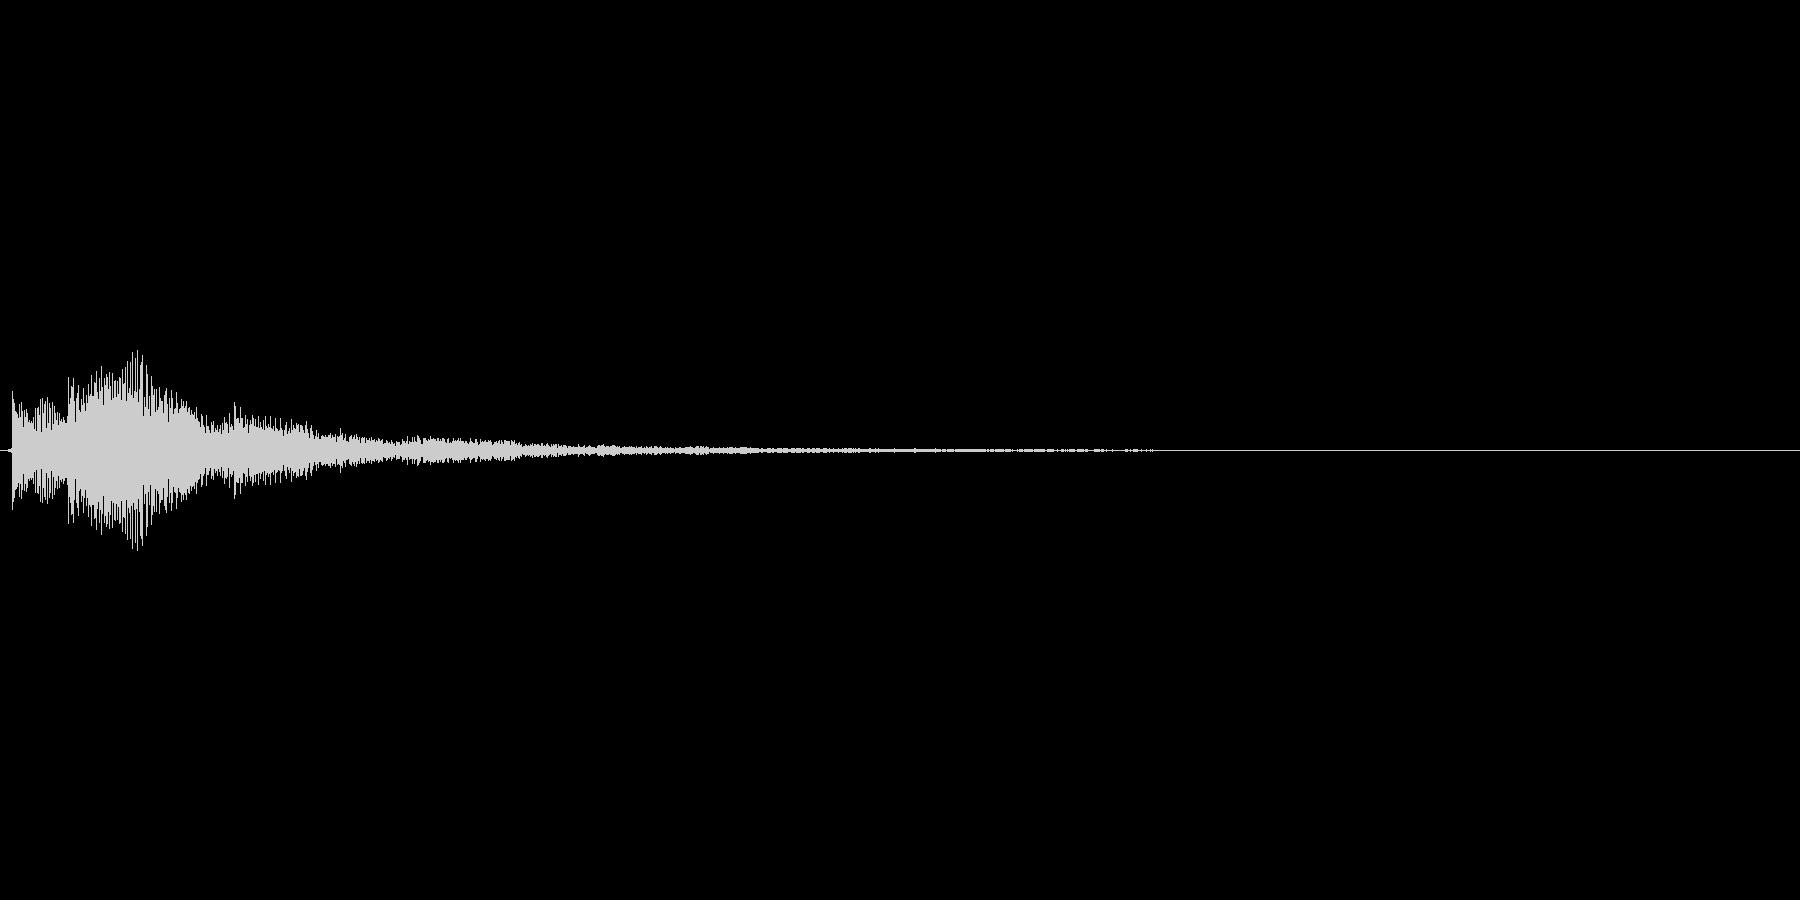 ピロンというアイテム使用時を想定した効…の未再生の波形